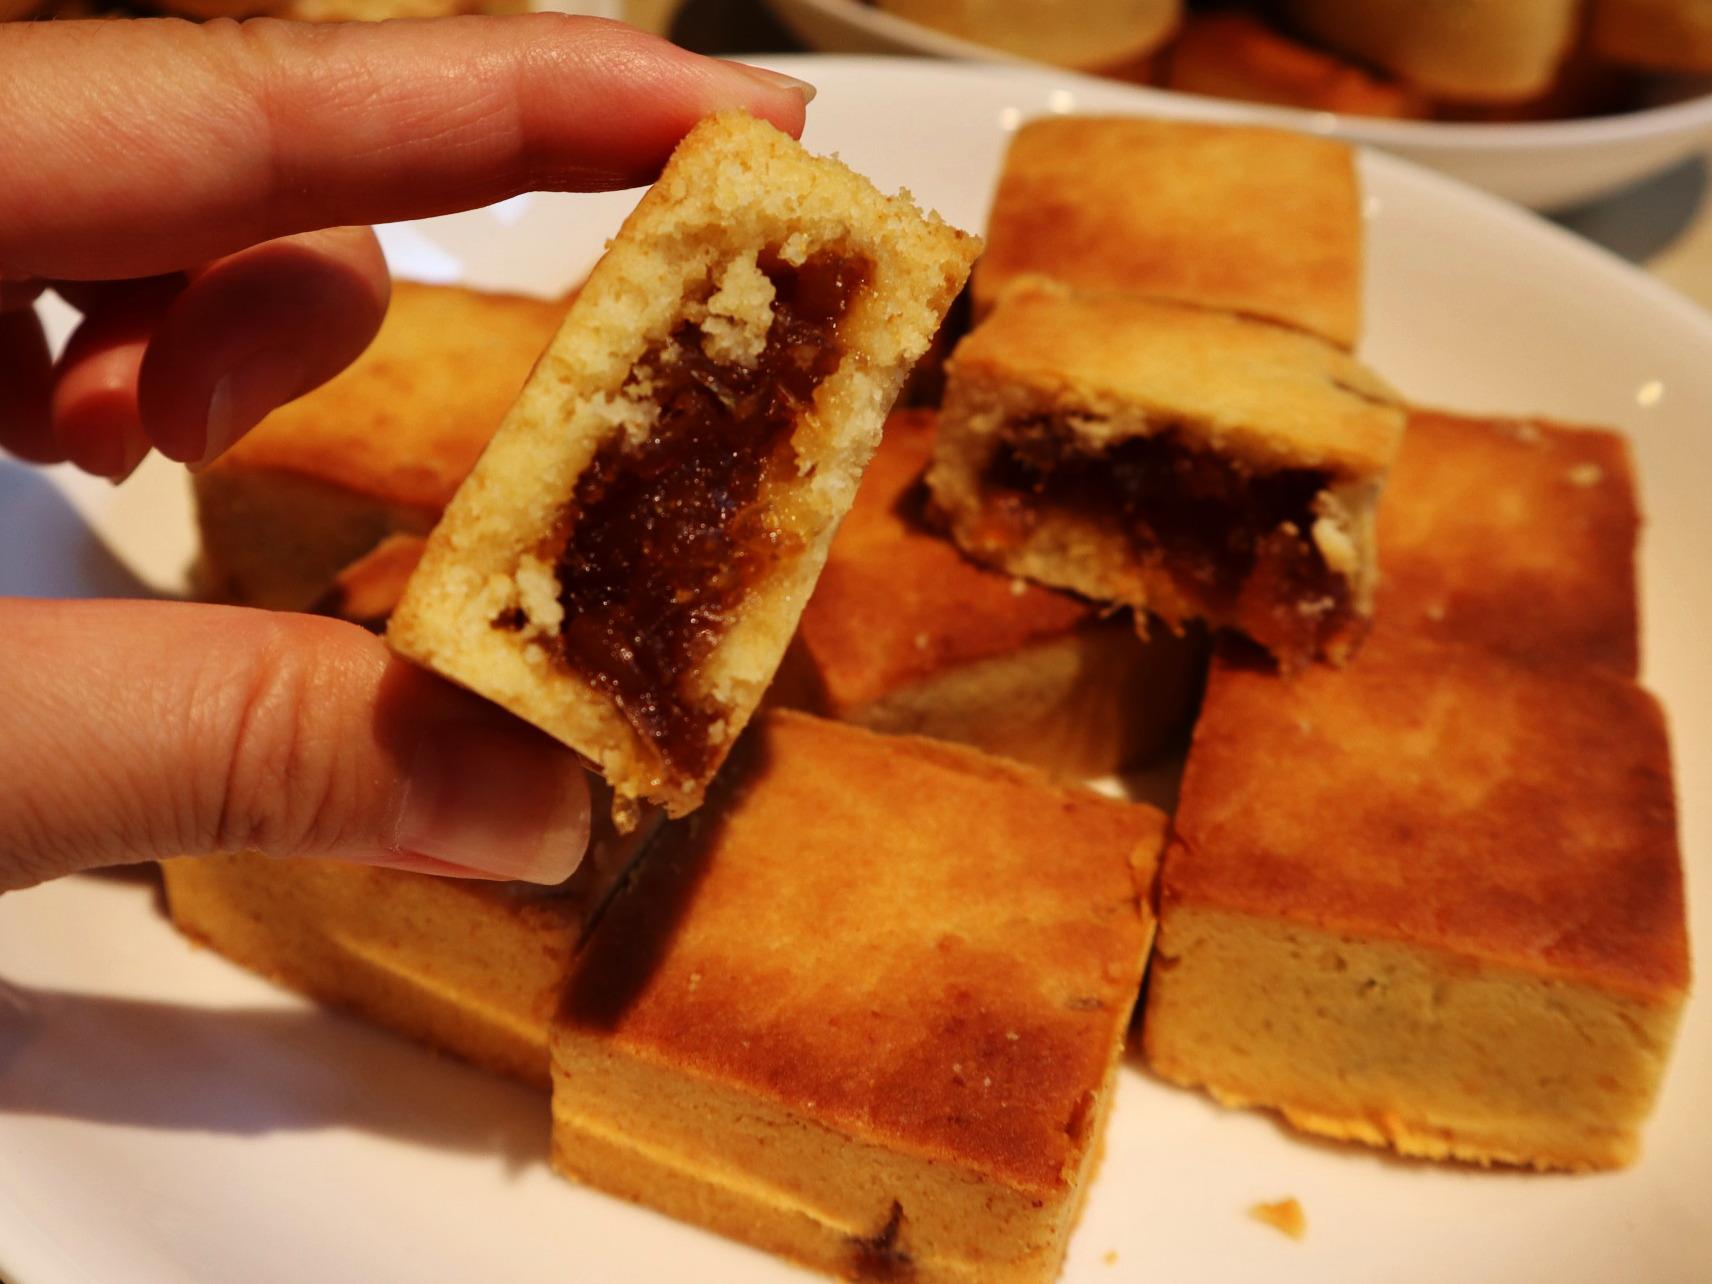 【レシピ】台湾土産の定番パイナップルケーキを家庭で作ってみました♪